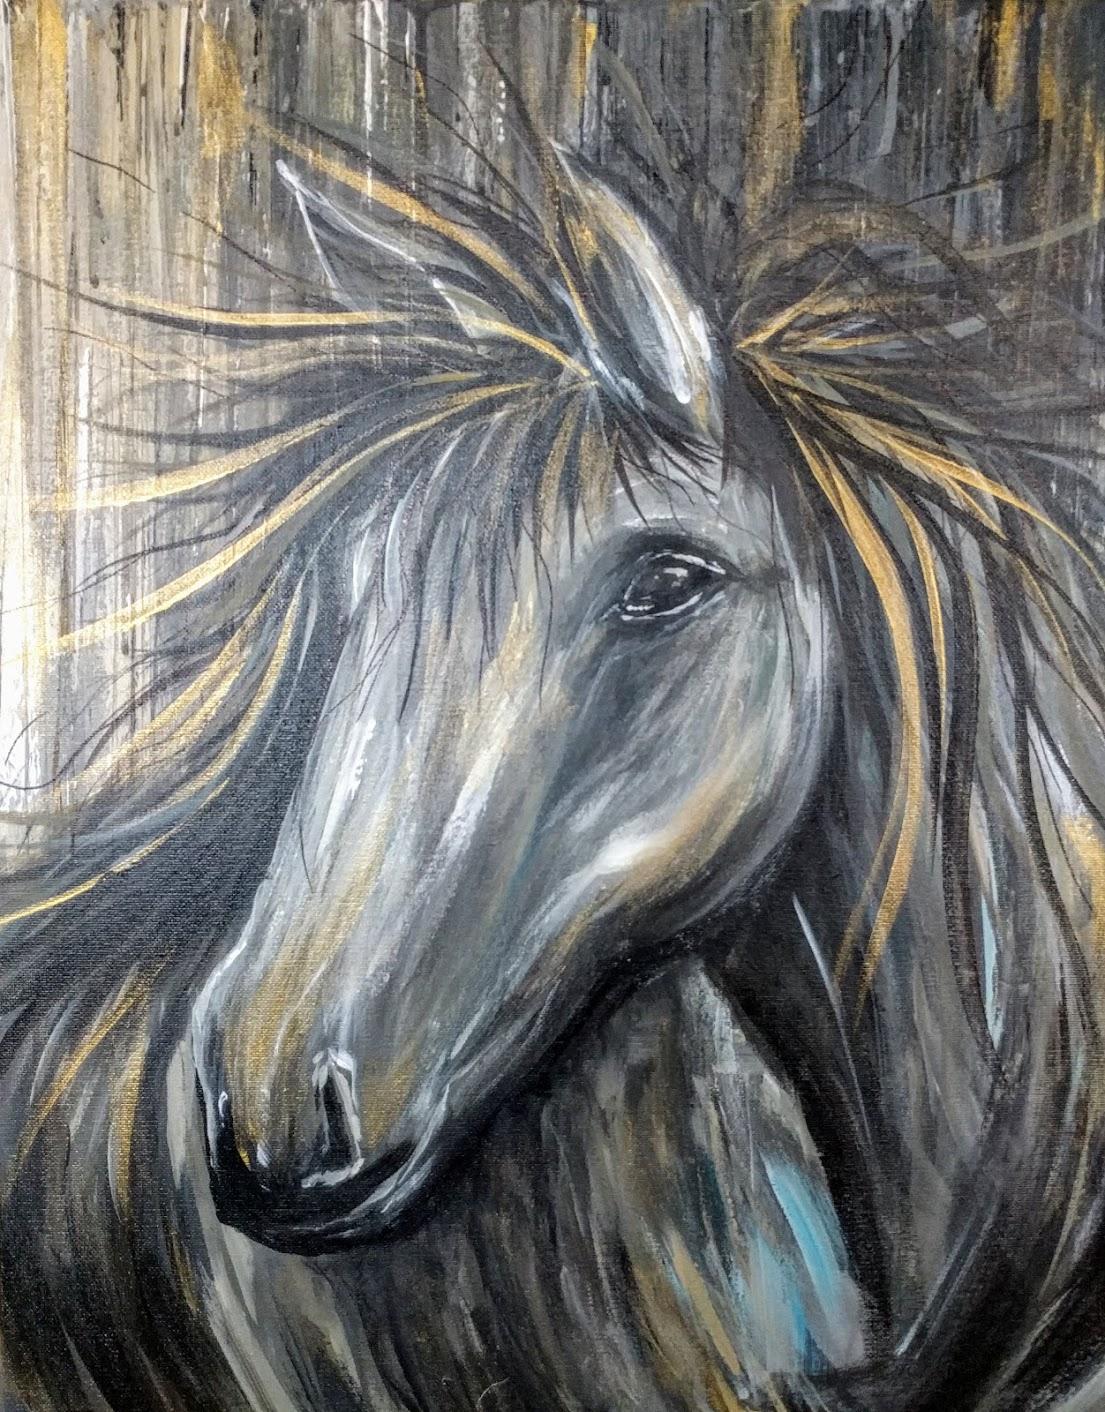 Metallic Horse